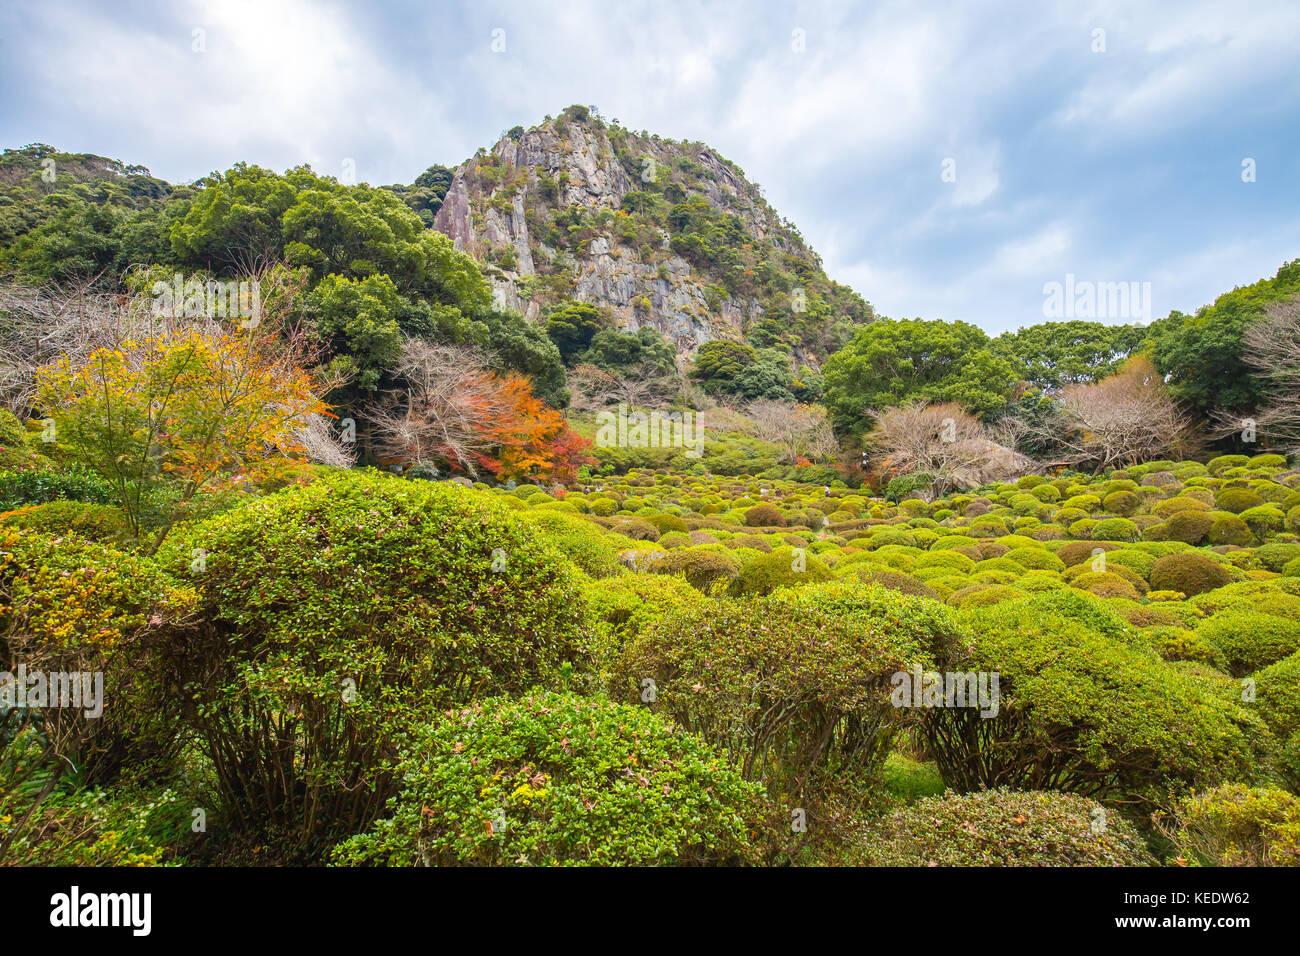 View of Mifuneyama Gardens in Saga, Japan. - Stock Image